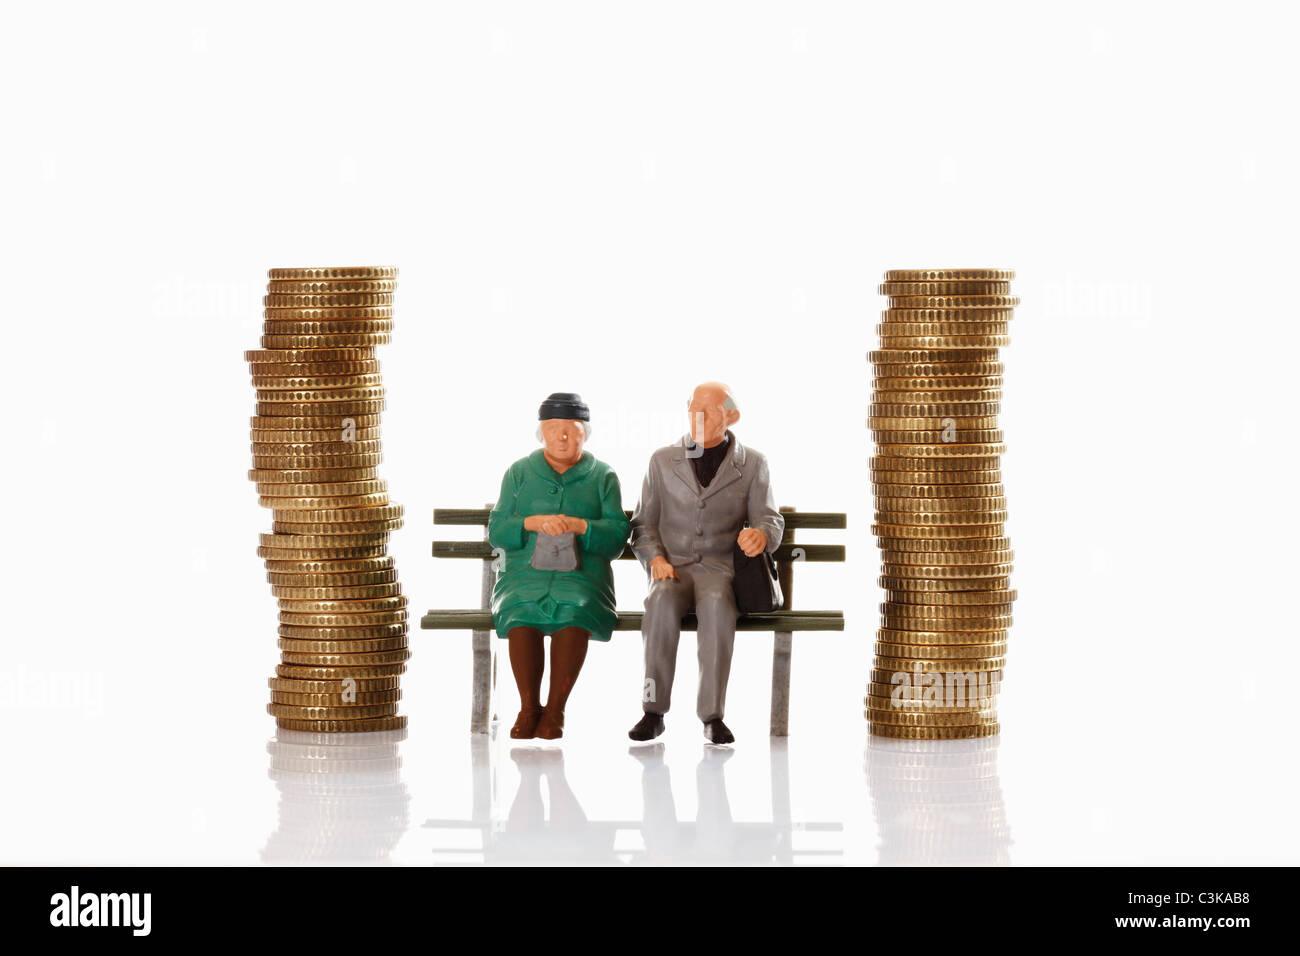 Figurine di vecchiaia pensionato seduto su un banco di lavoro tra pile di monete Immagini Stock